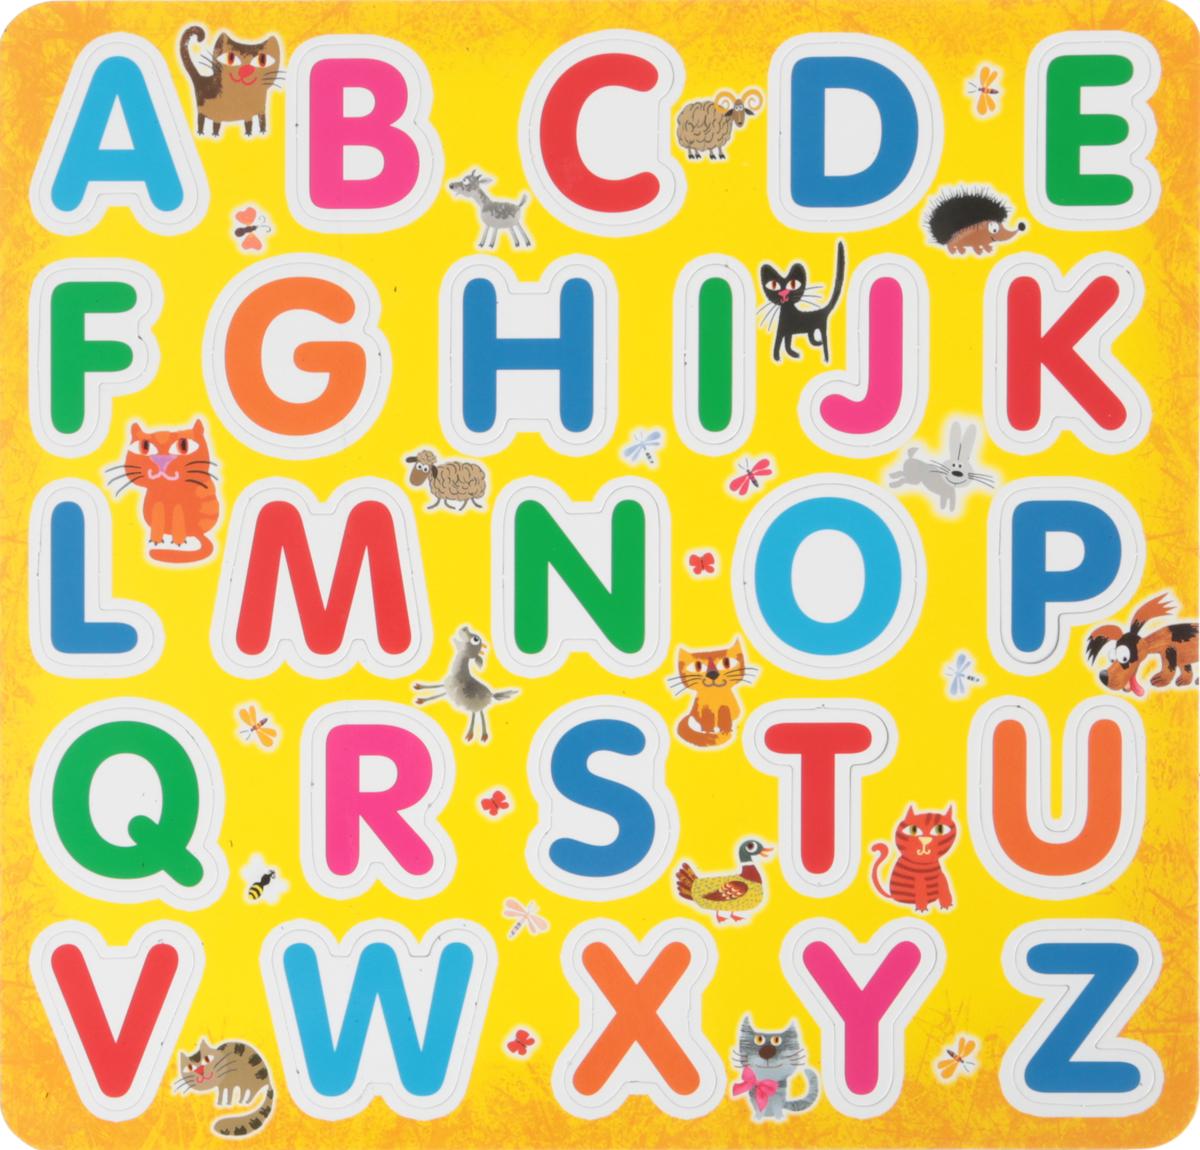 Английский алфавит на магнитах (Еврослот + методичка) woody игрушка набор буквы на магнитах о0211